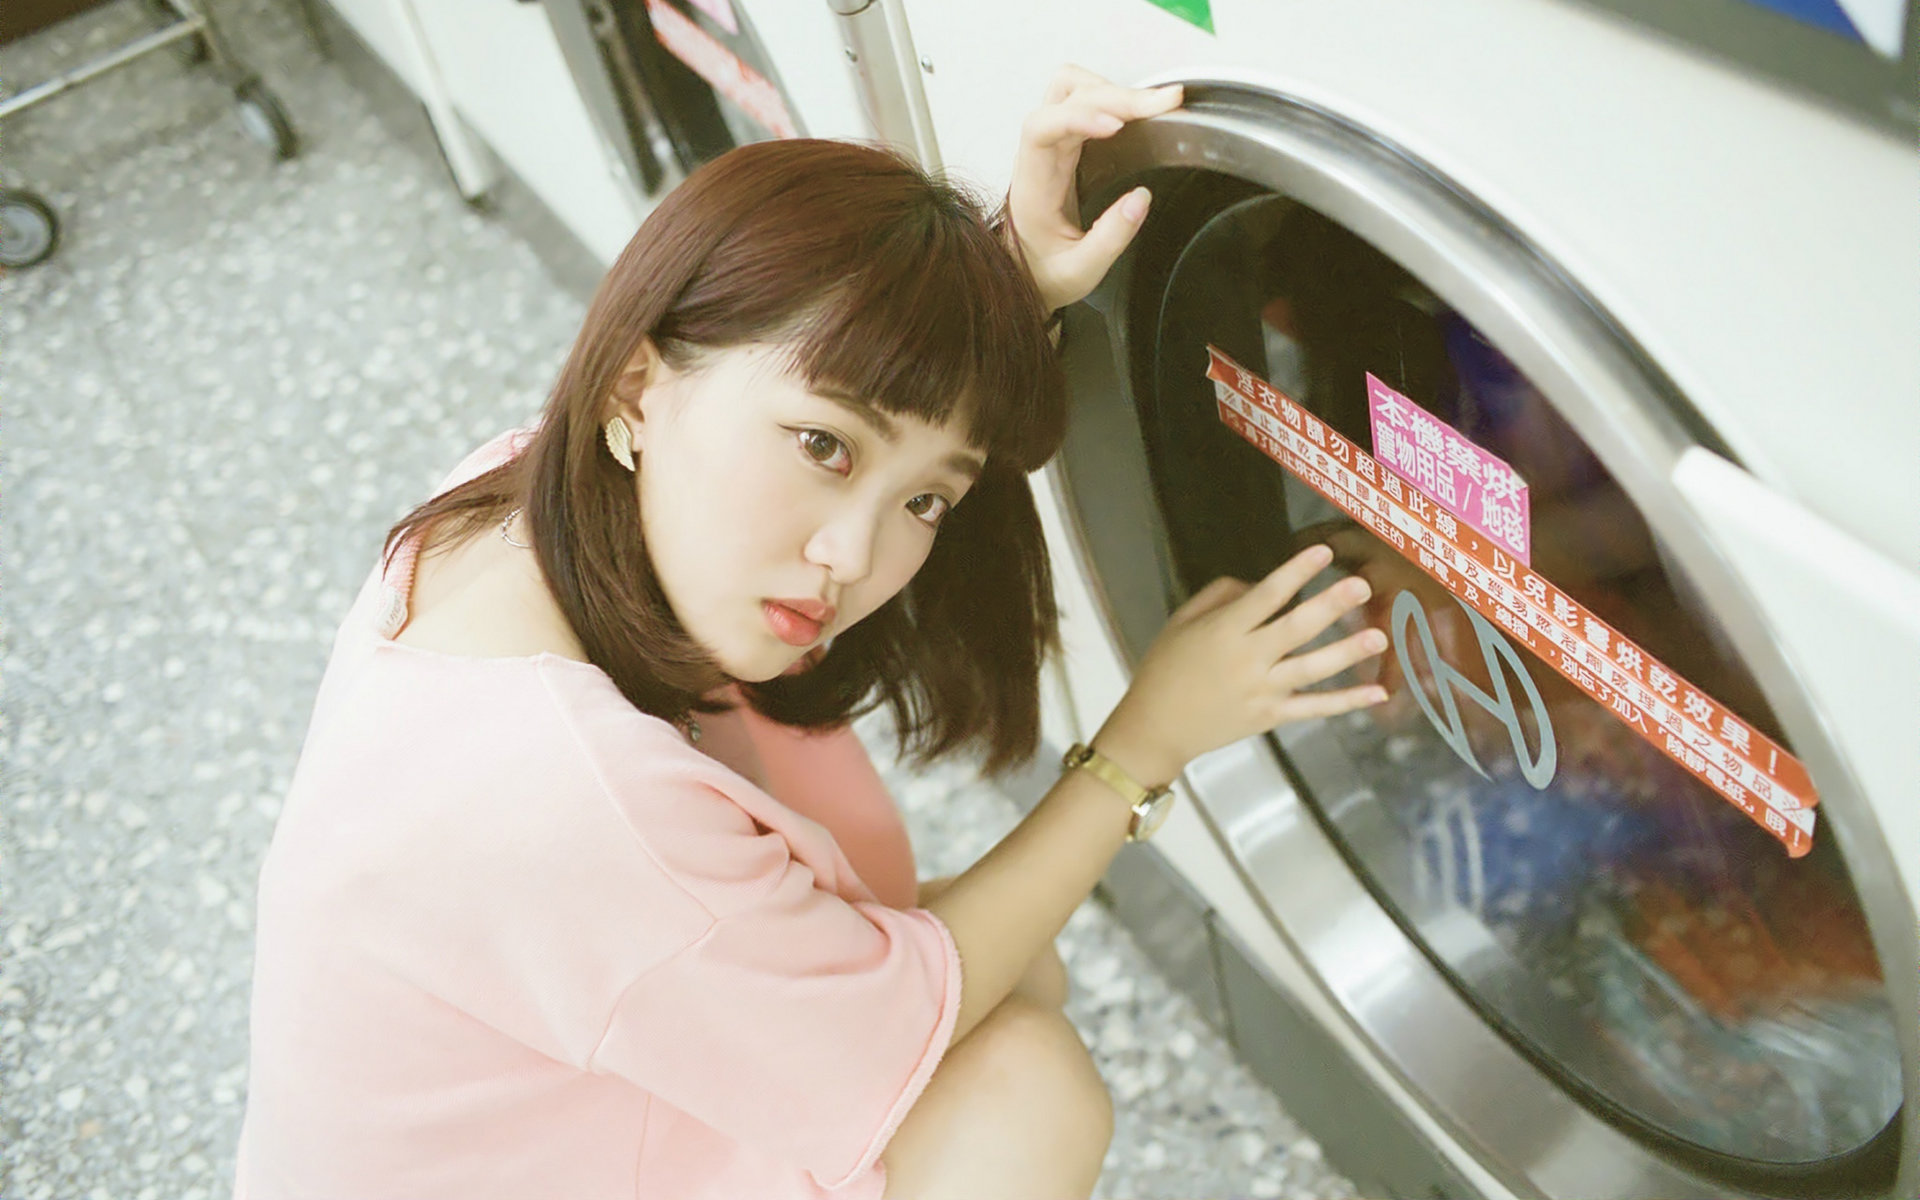 漂亮美女洗衣服